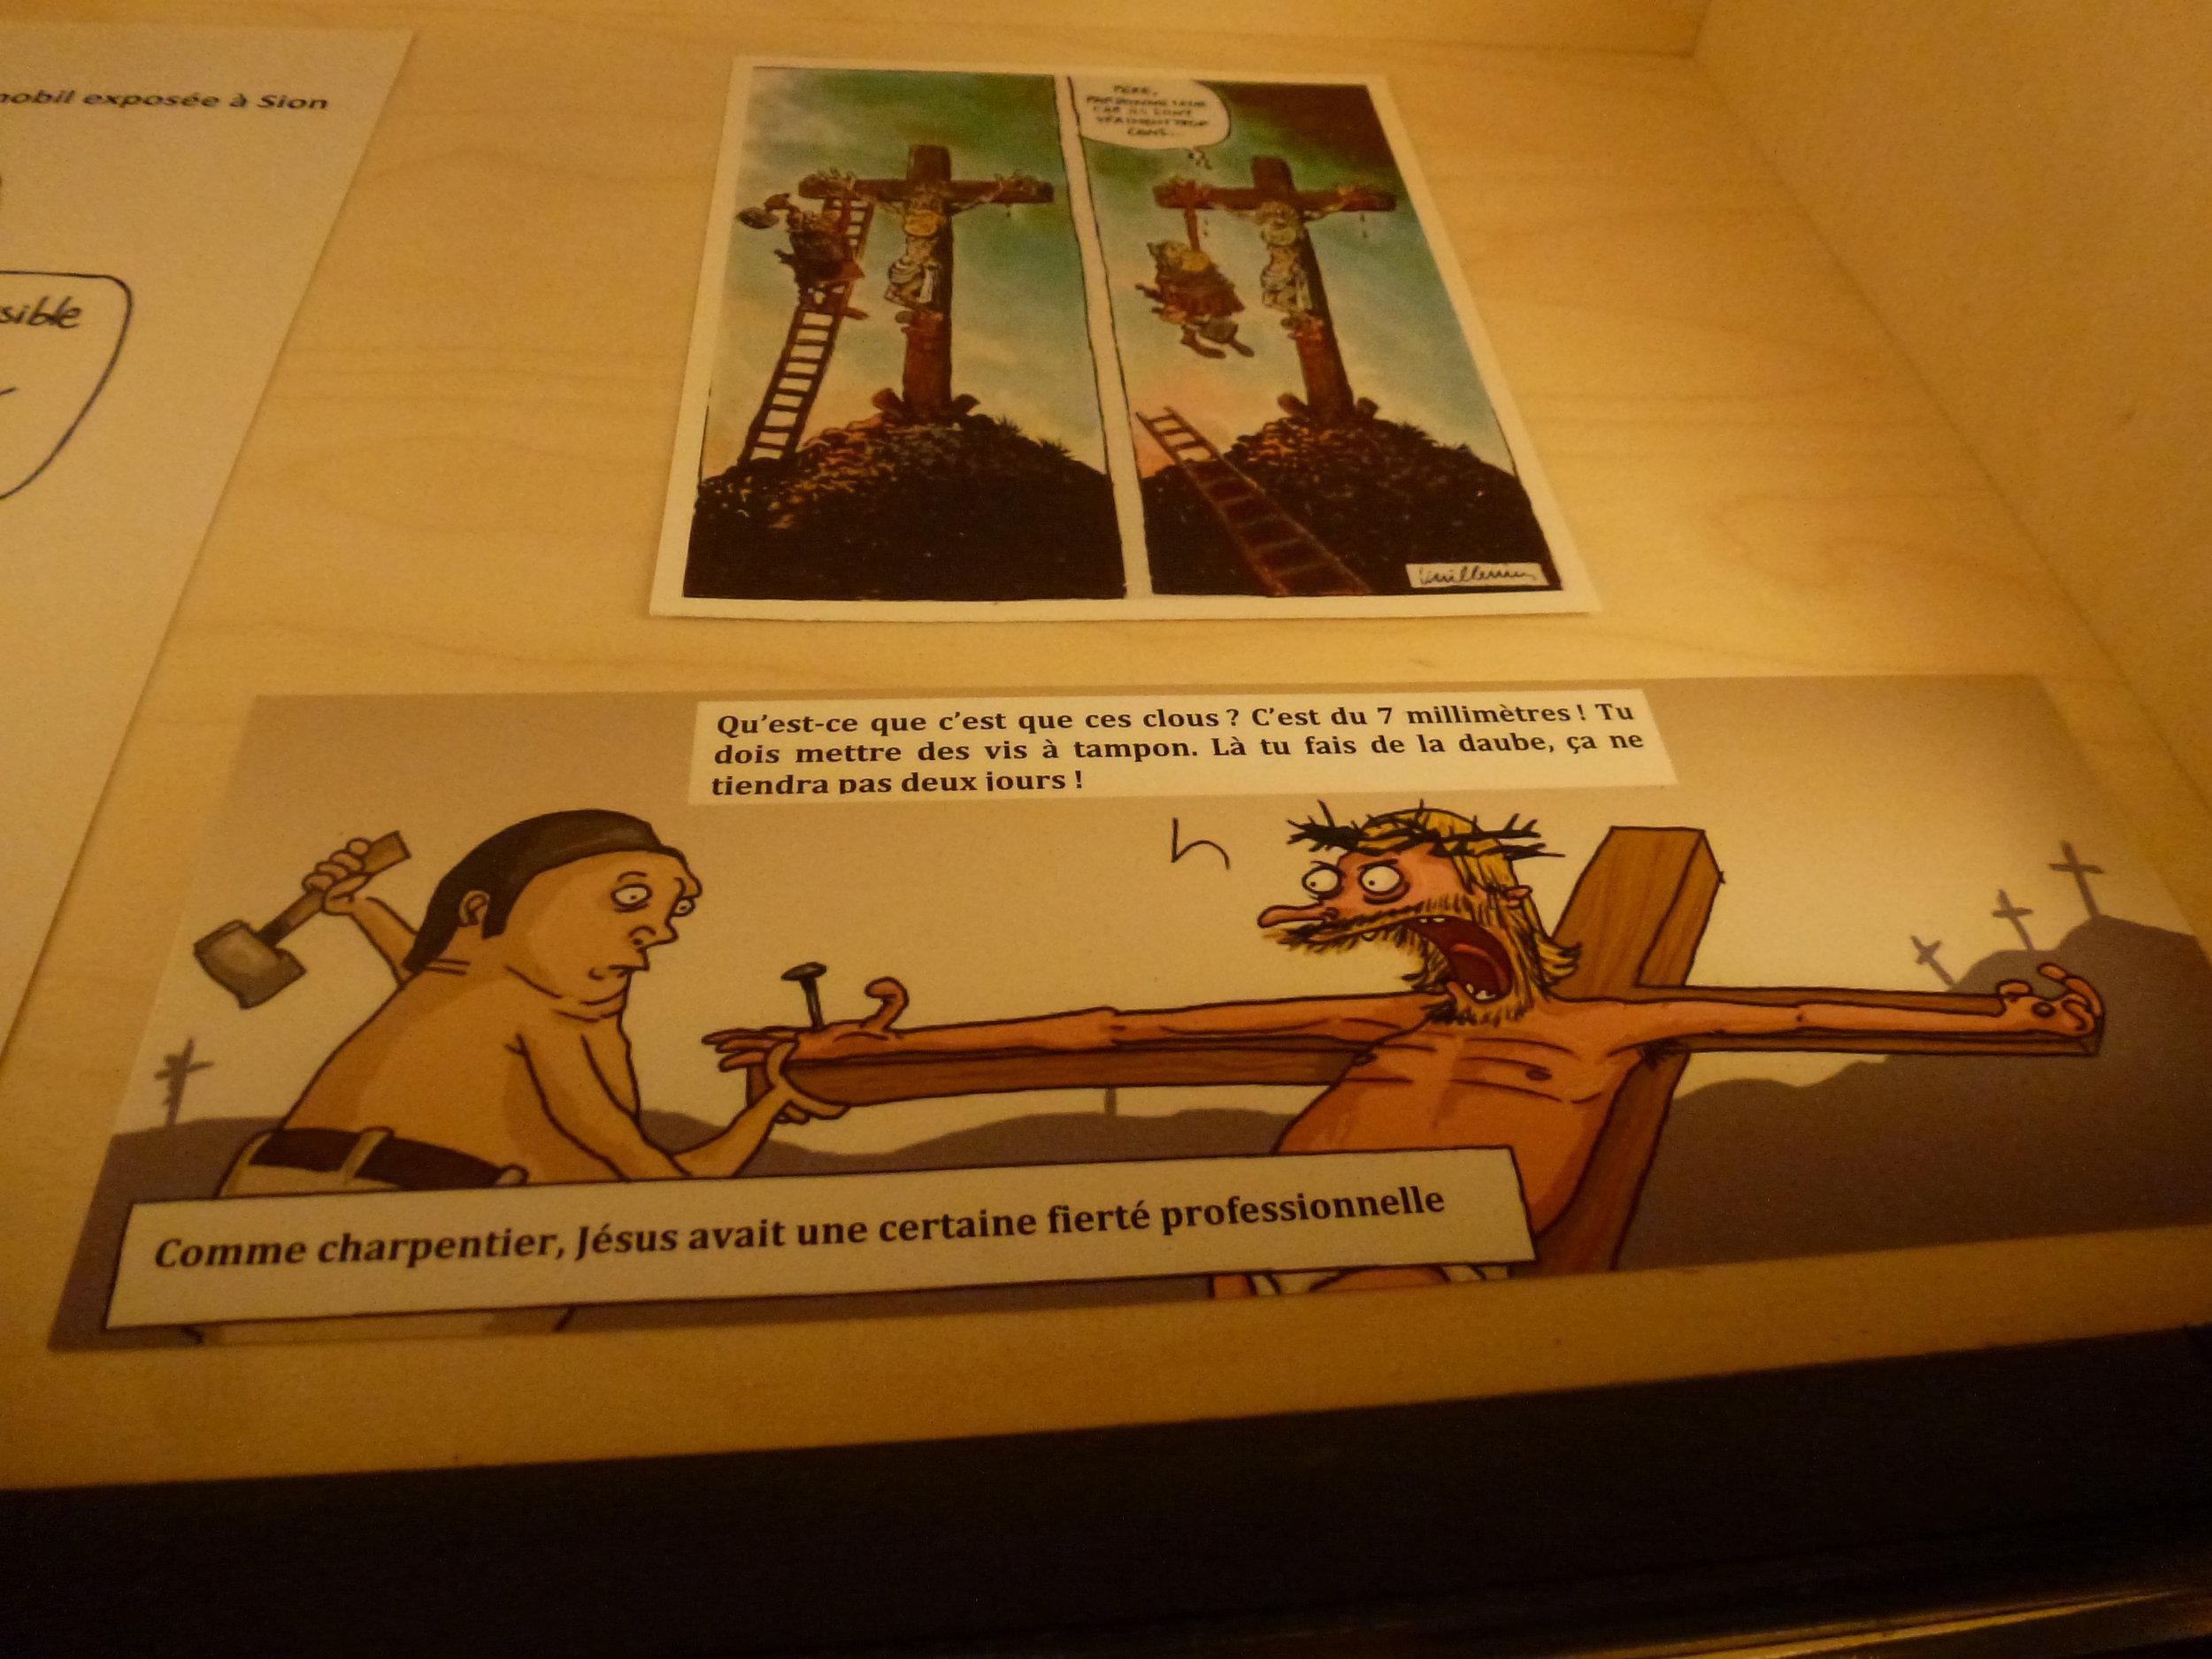 L'humour n'a pas été oublié, une salle étant consacrée à des dessins relatifs aux clous